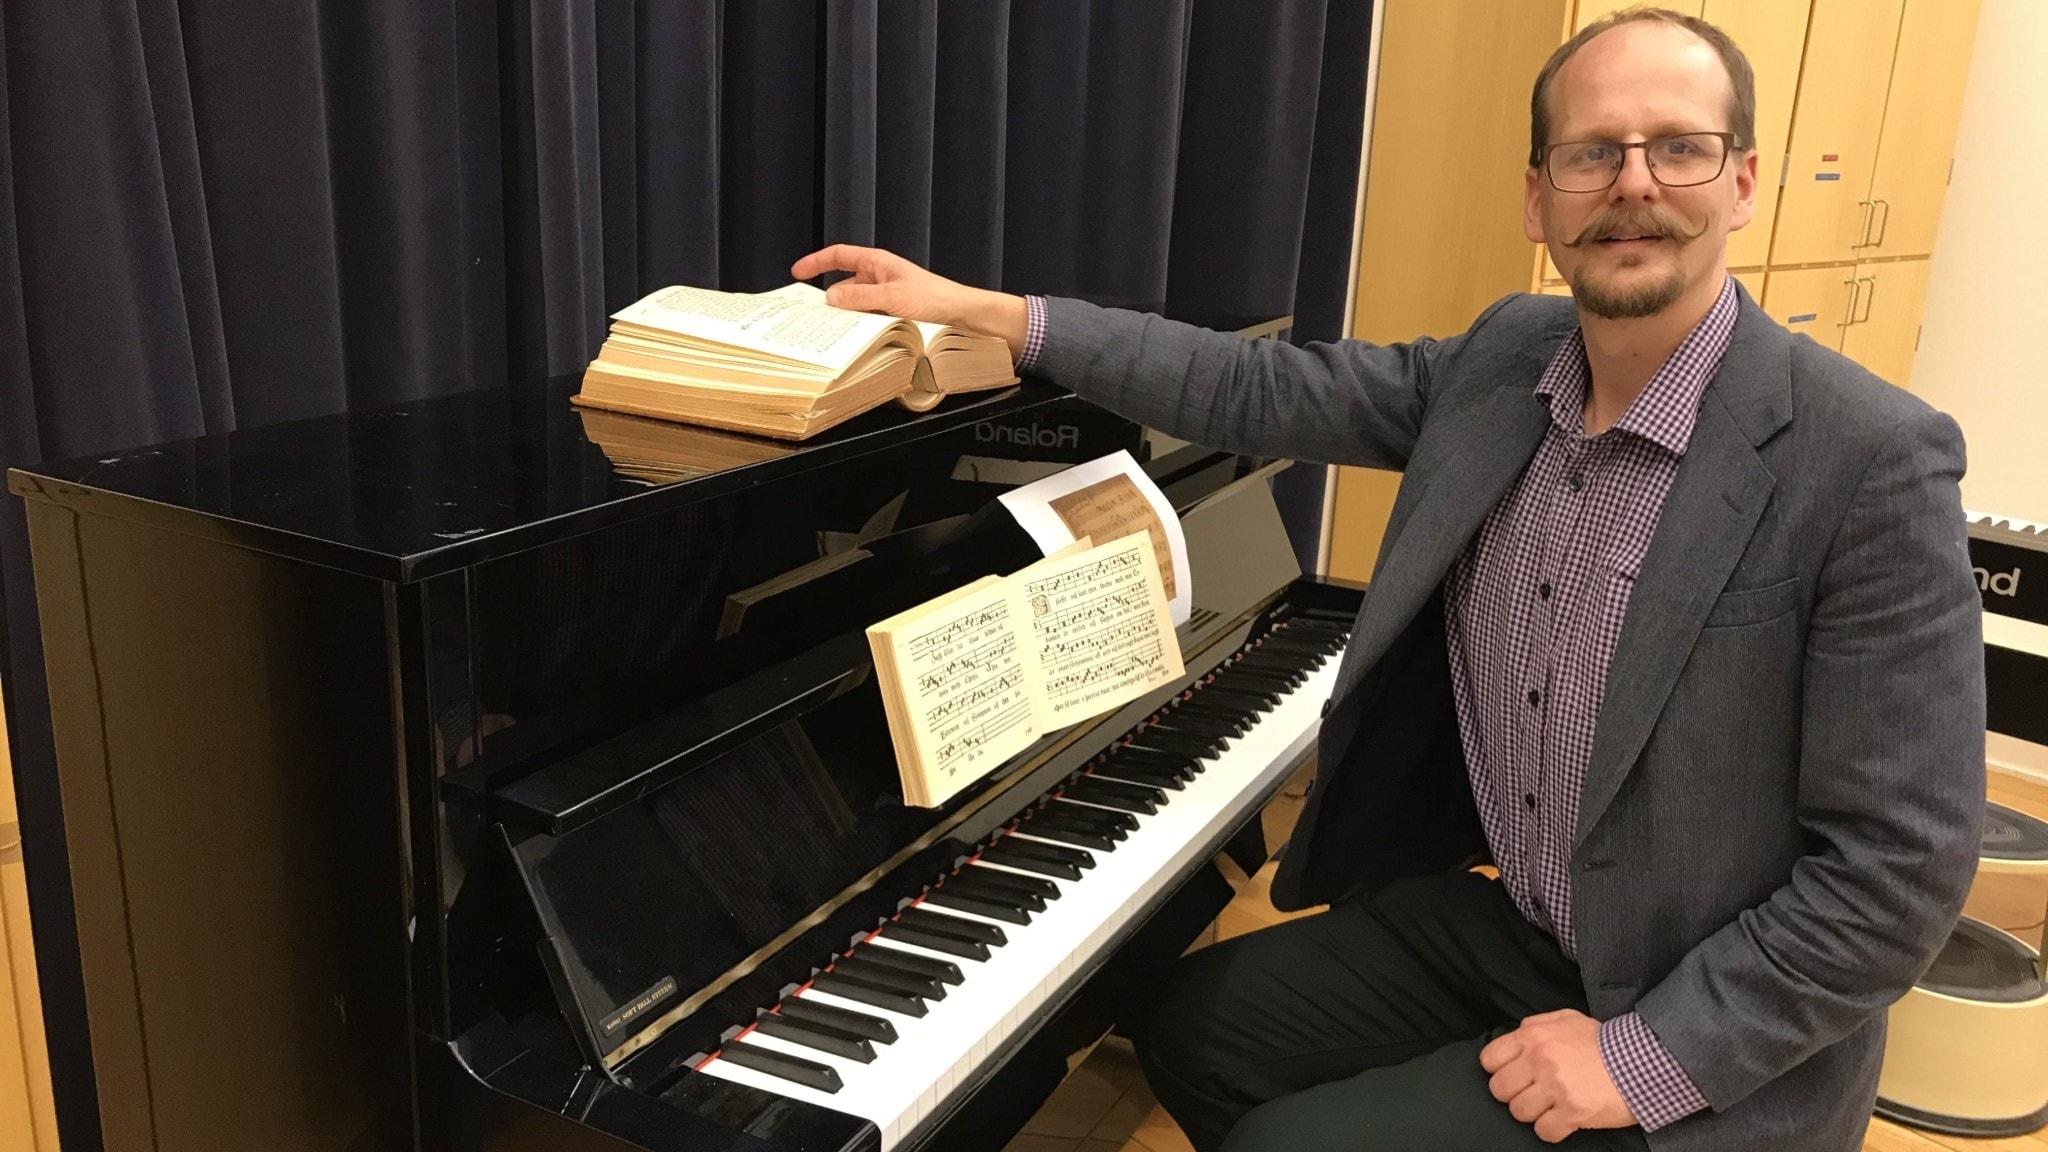 Mattias Lundberg pusslar ihop musik av återfunna notskrifter